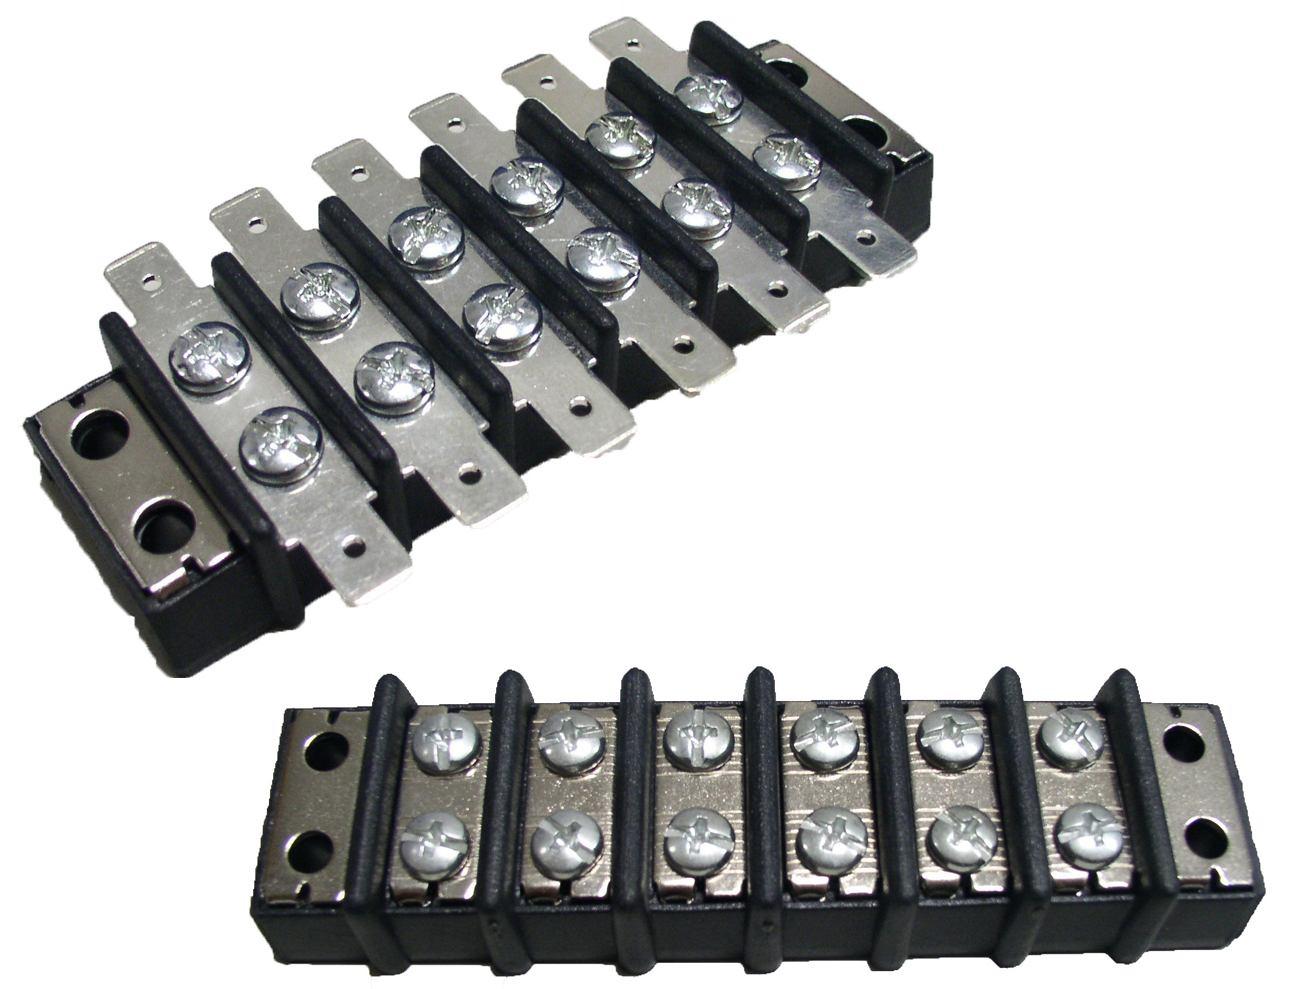 雙排端子台 - 雙排端子台